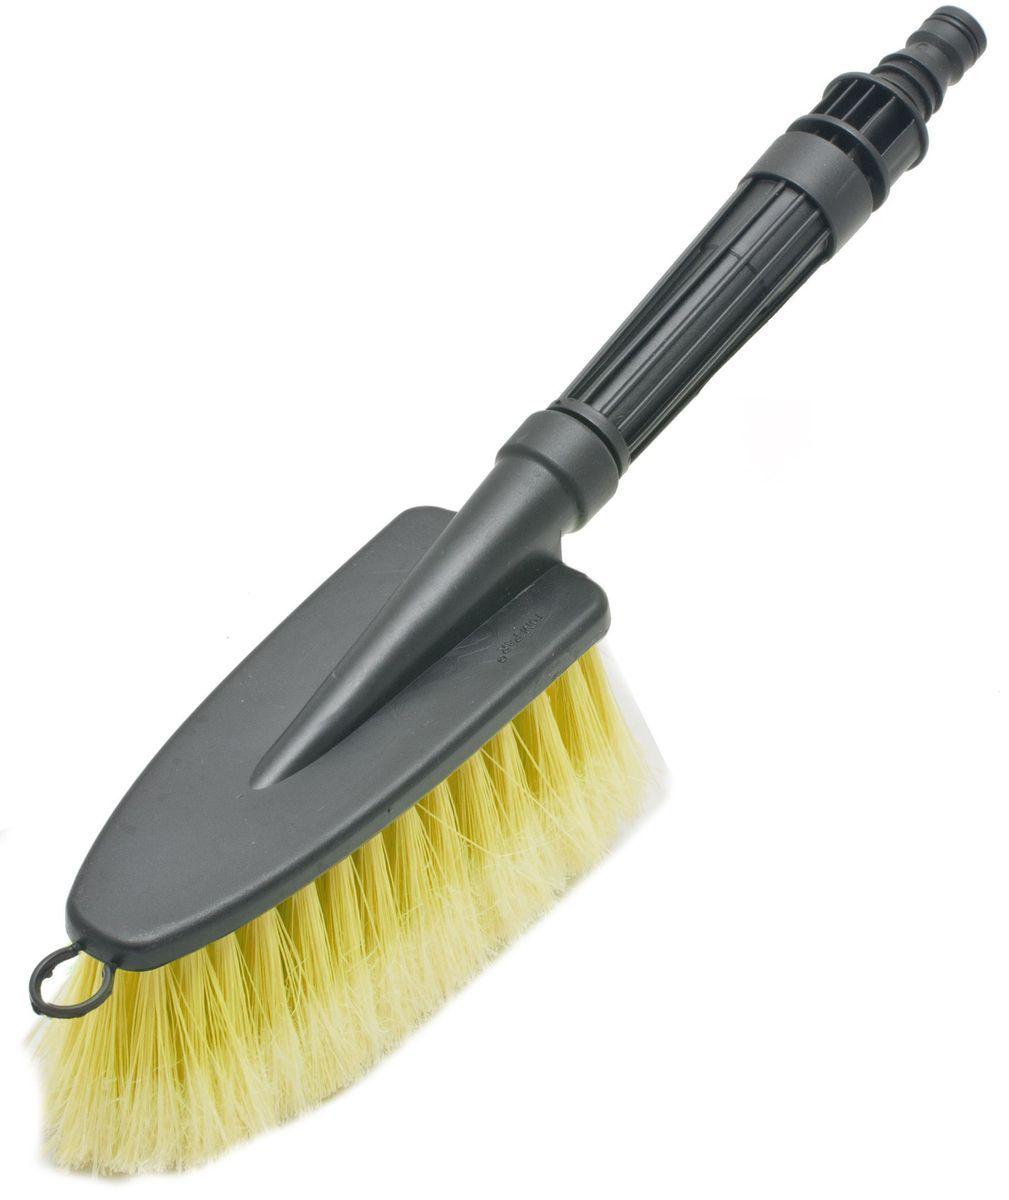 Щетка для мытья под шланг Главдор GL-582, с двойным клапаном, цвет: желтыйGL-582Щетка для мытья с мягкой, распушенной щетиной, изготовлена из прочного пластика. Снабжена адаптером (насадкой) дляподключения к шлангу идвойным клапаном.